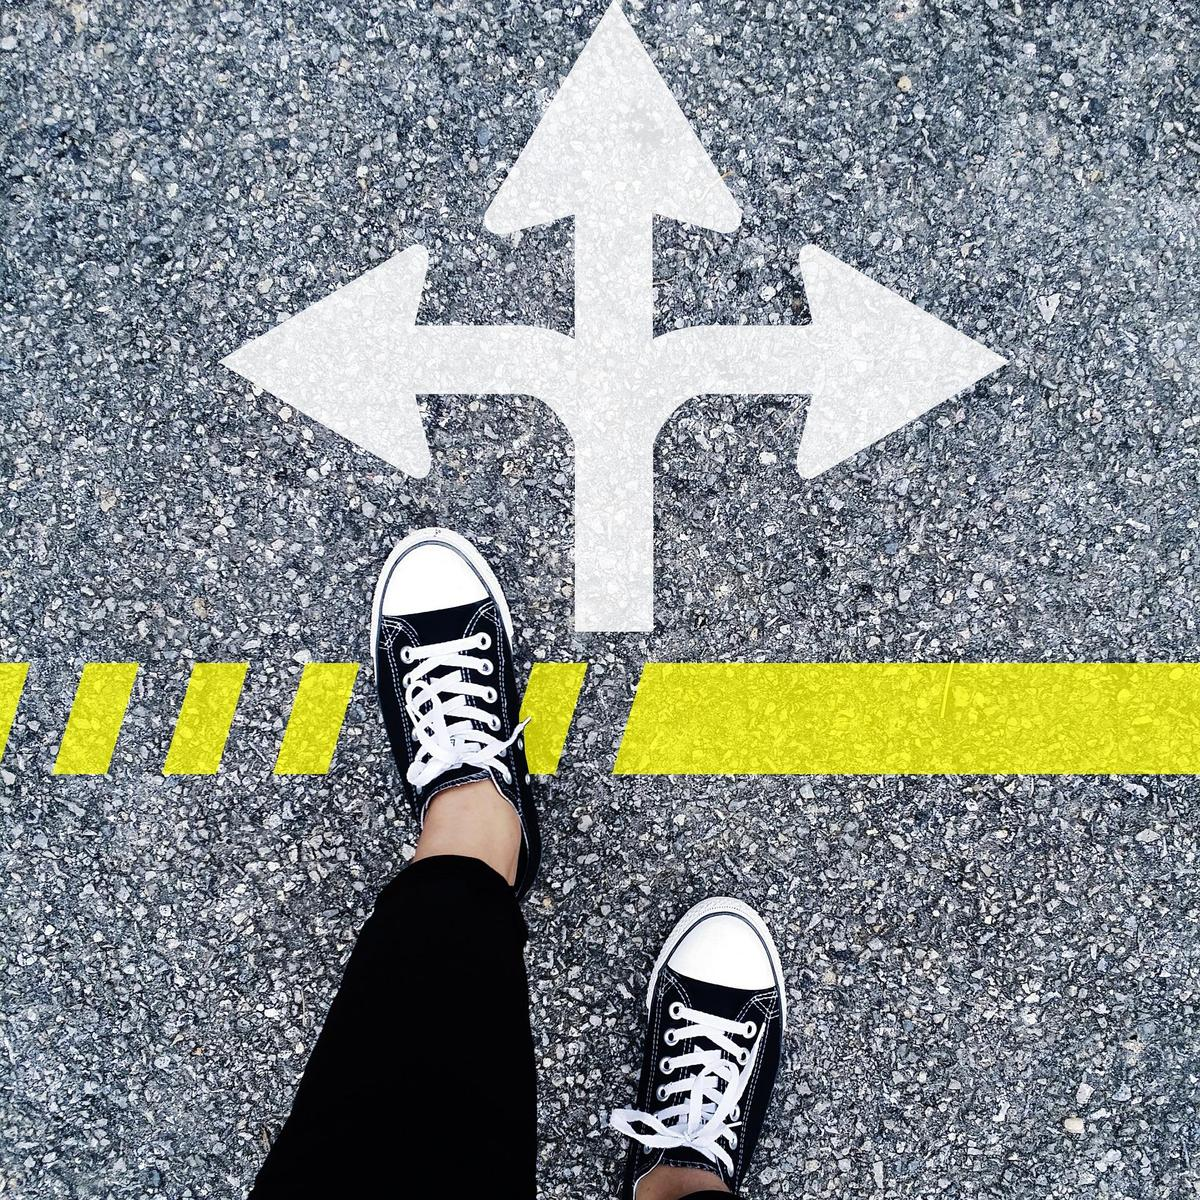 feet choosing a path